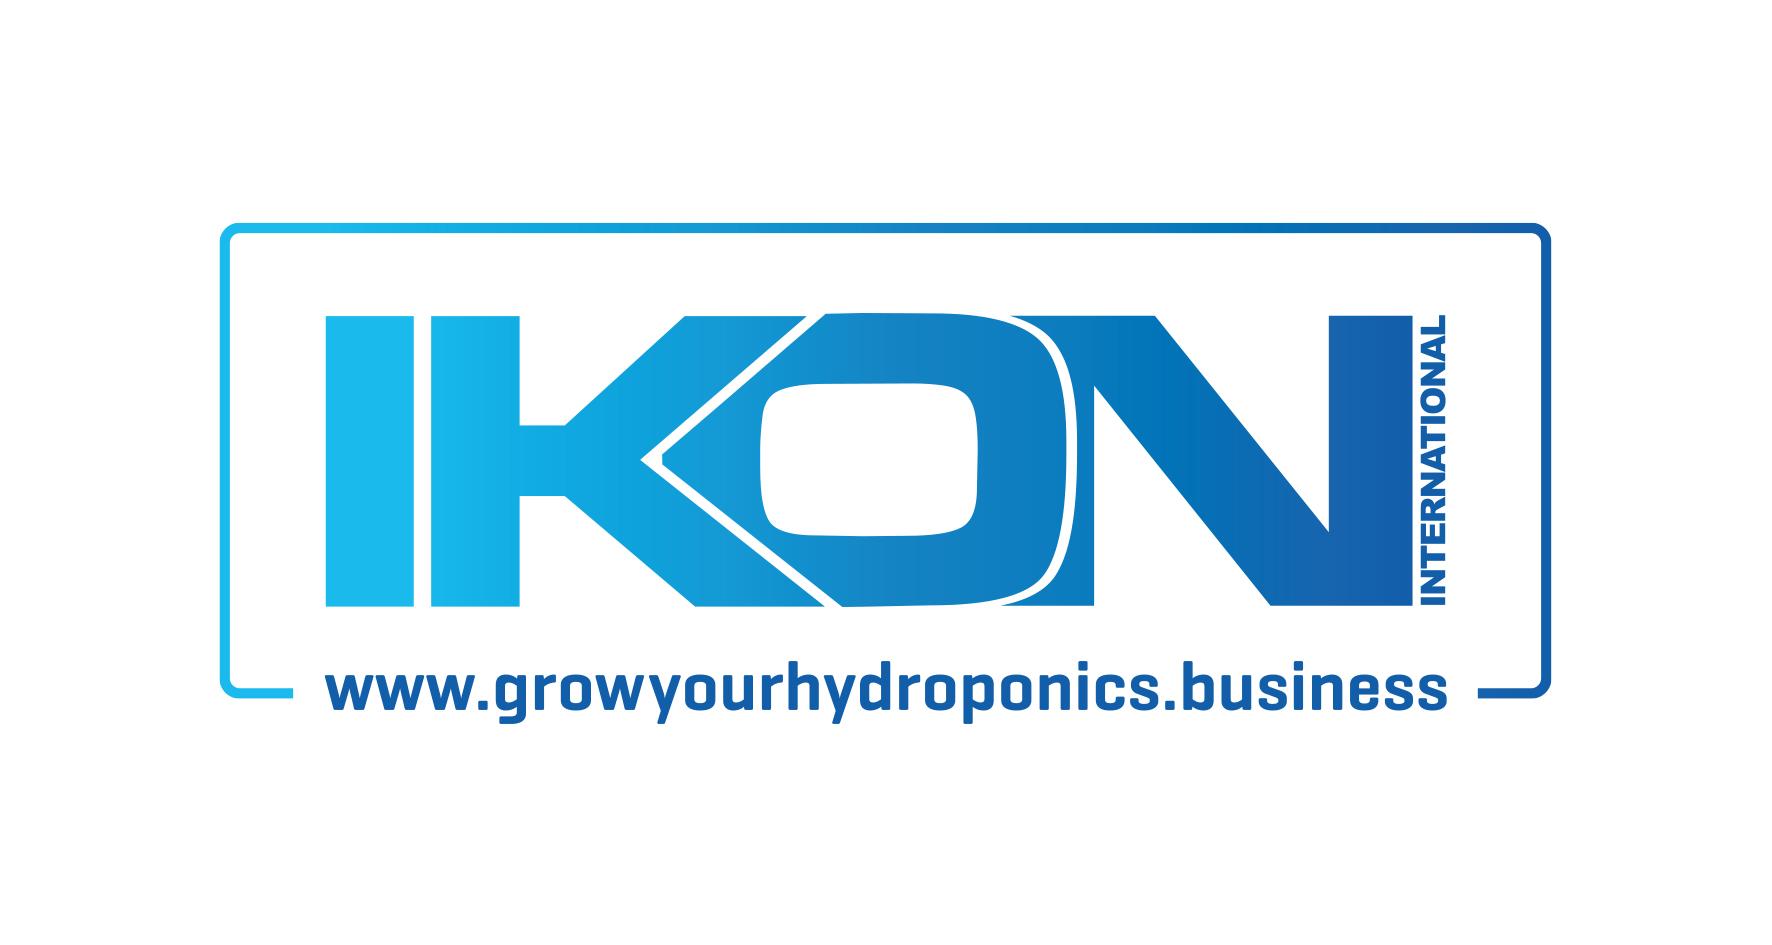 IKON26-growyourhydroponics.business-Logo-BlueWht.jpg